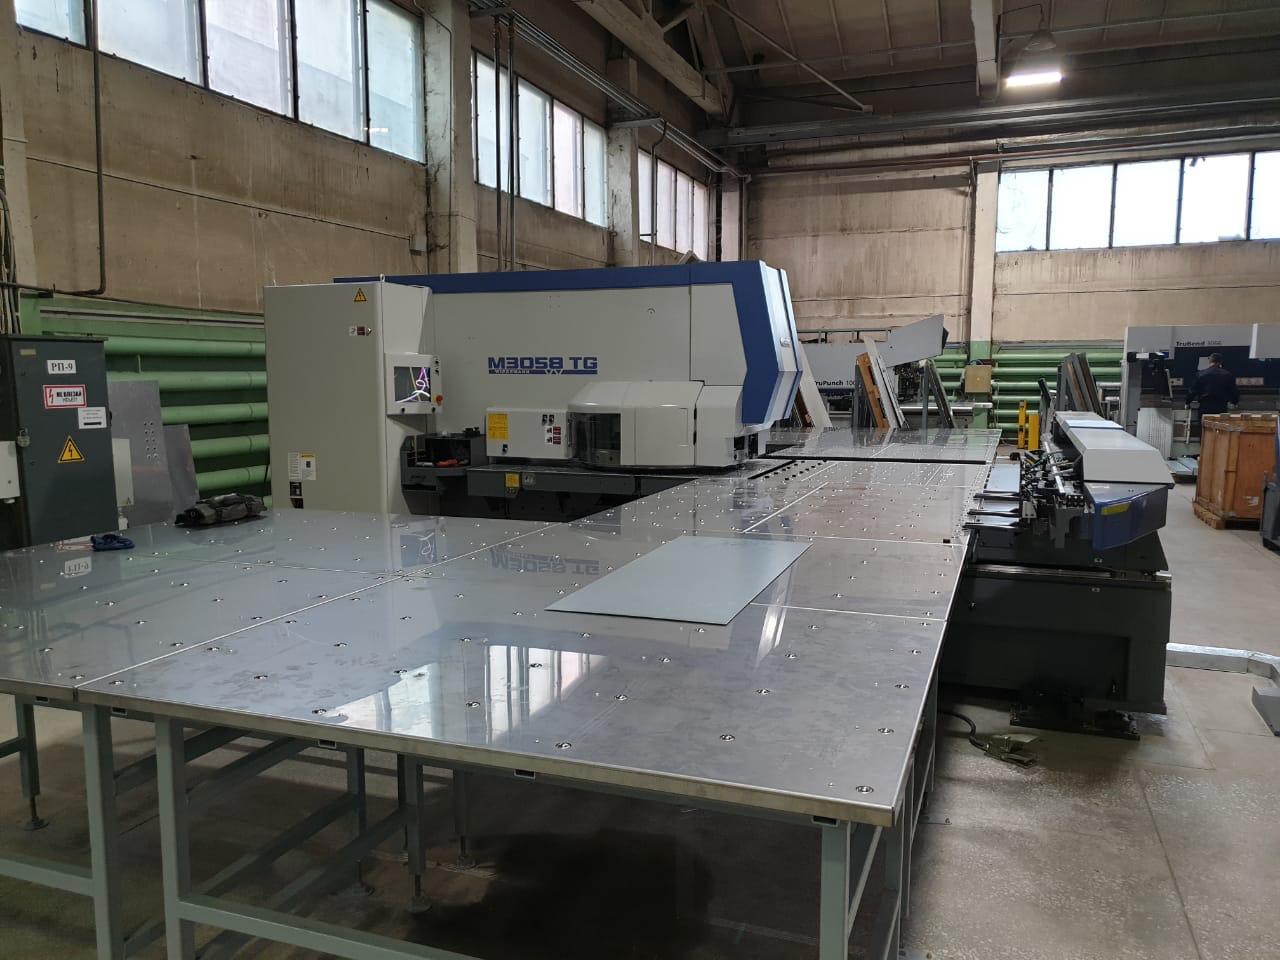 3058TG Изготовление холодильно-морозильного оборудования в МЭ